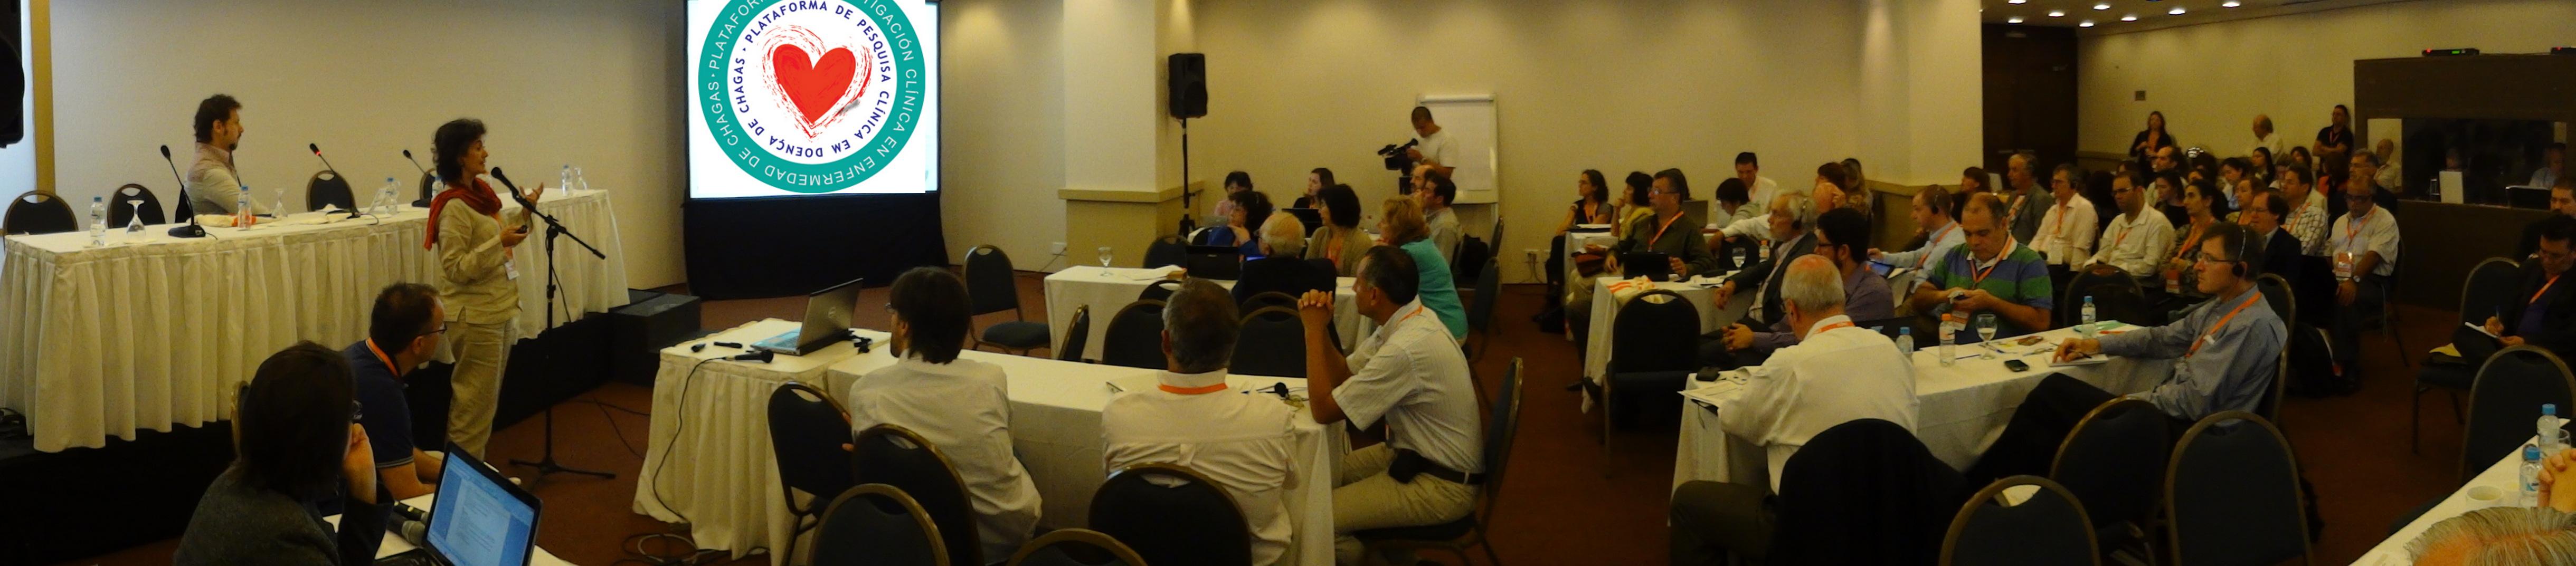 Reunião da Plataforma Chagas no Rio de Janeiro. Dez-2011